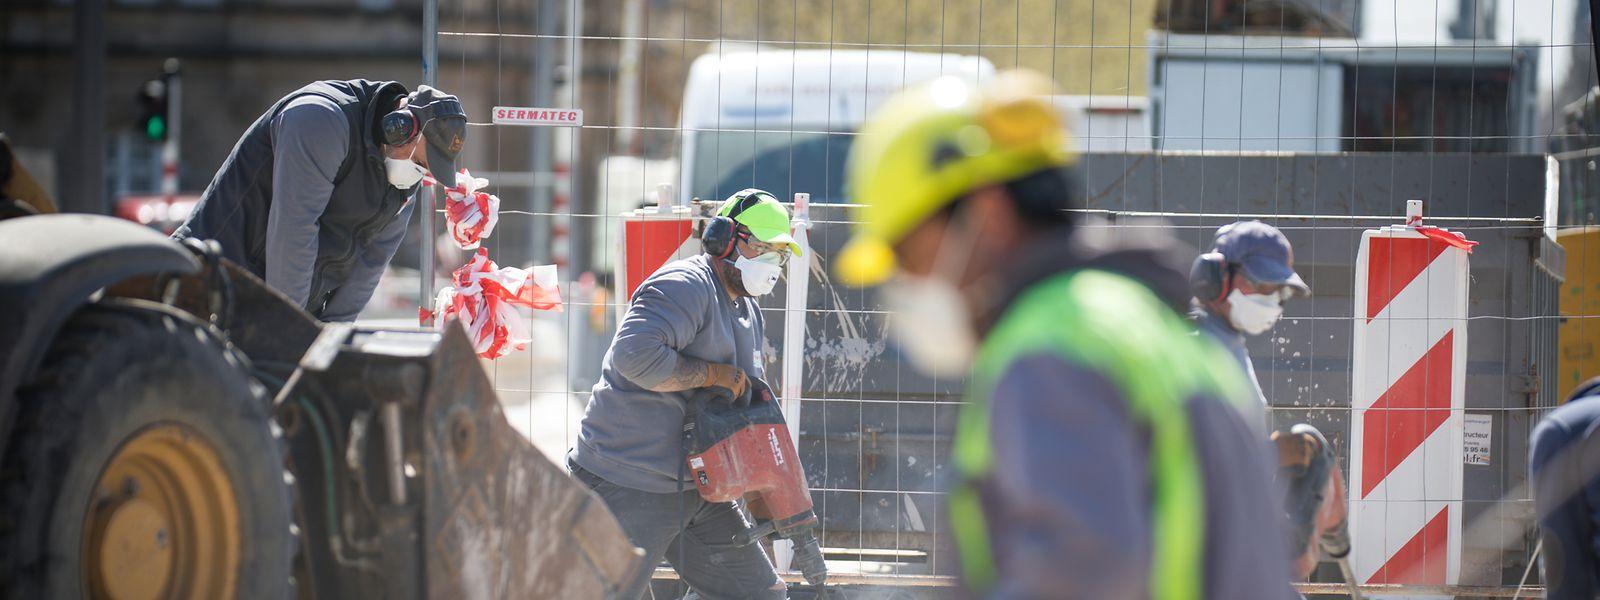 Le chantier du tram n'a pas encore démarré dans l'avenue de la Liberté ce lundi matin mais les ouvriers ont repris les marteaux-piqueurs sur le pont Adolphe.